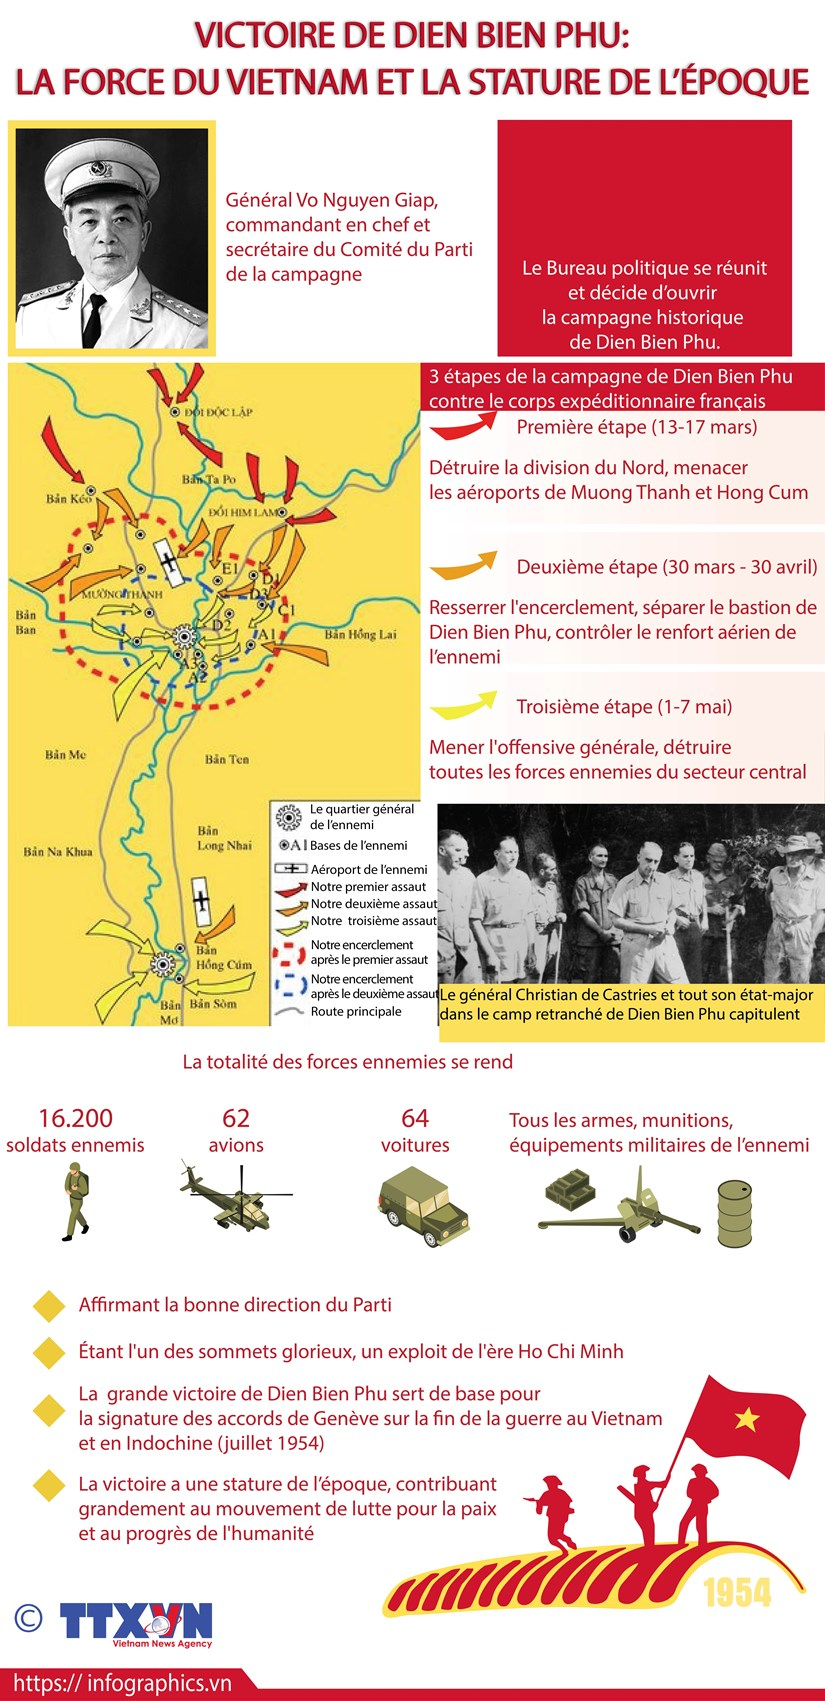 Victoire de Dien Bien Phu: la force du Vietnam et la stature de l'epoque hinh anh 1